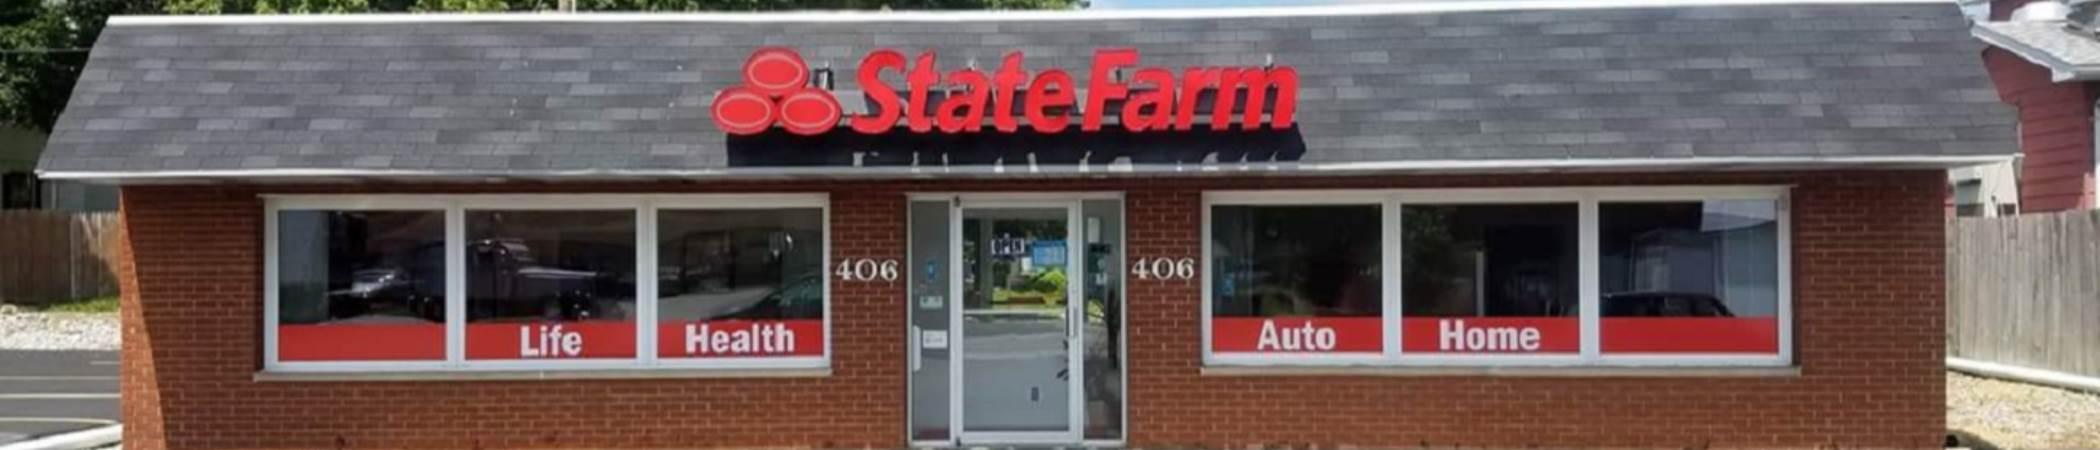 Austin Budreau State Farm Insurance in Angola, IN | Home, Auto Insurance & more